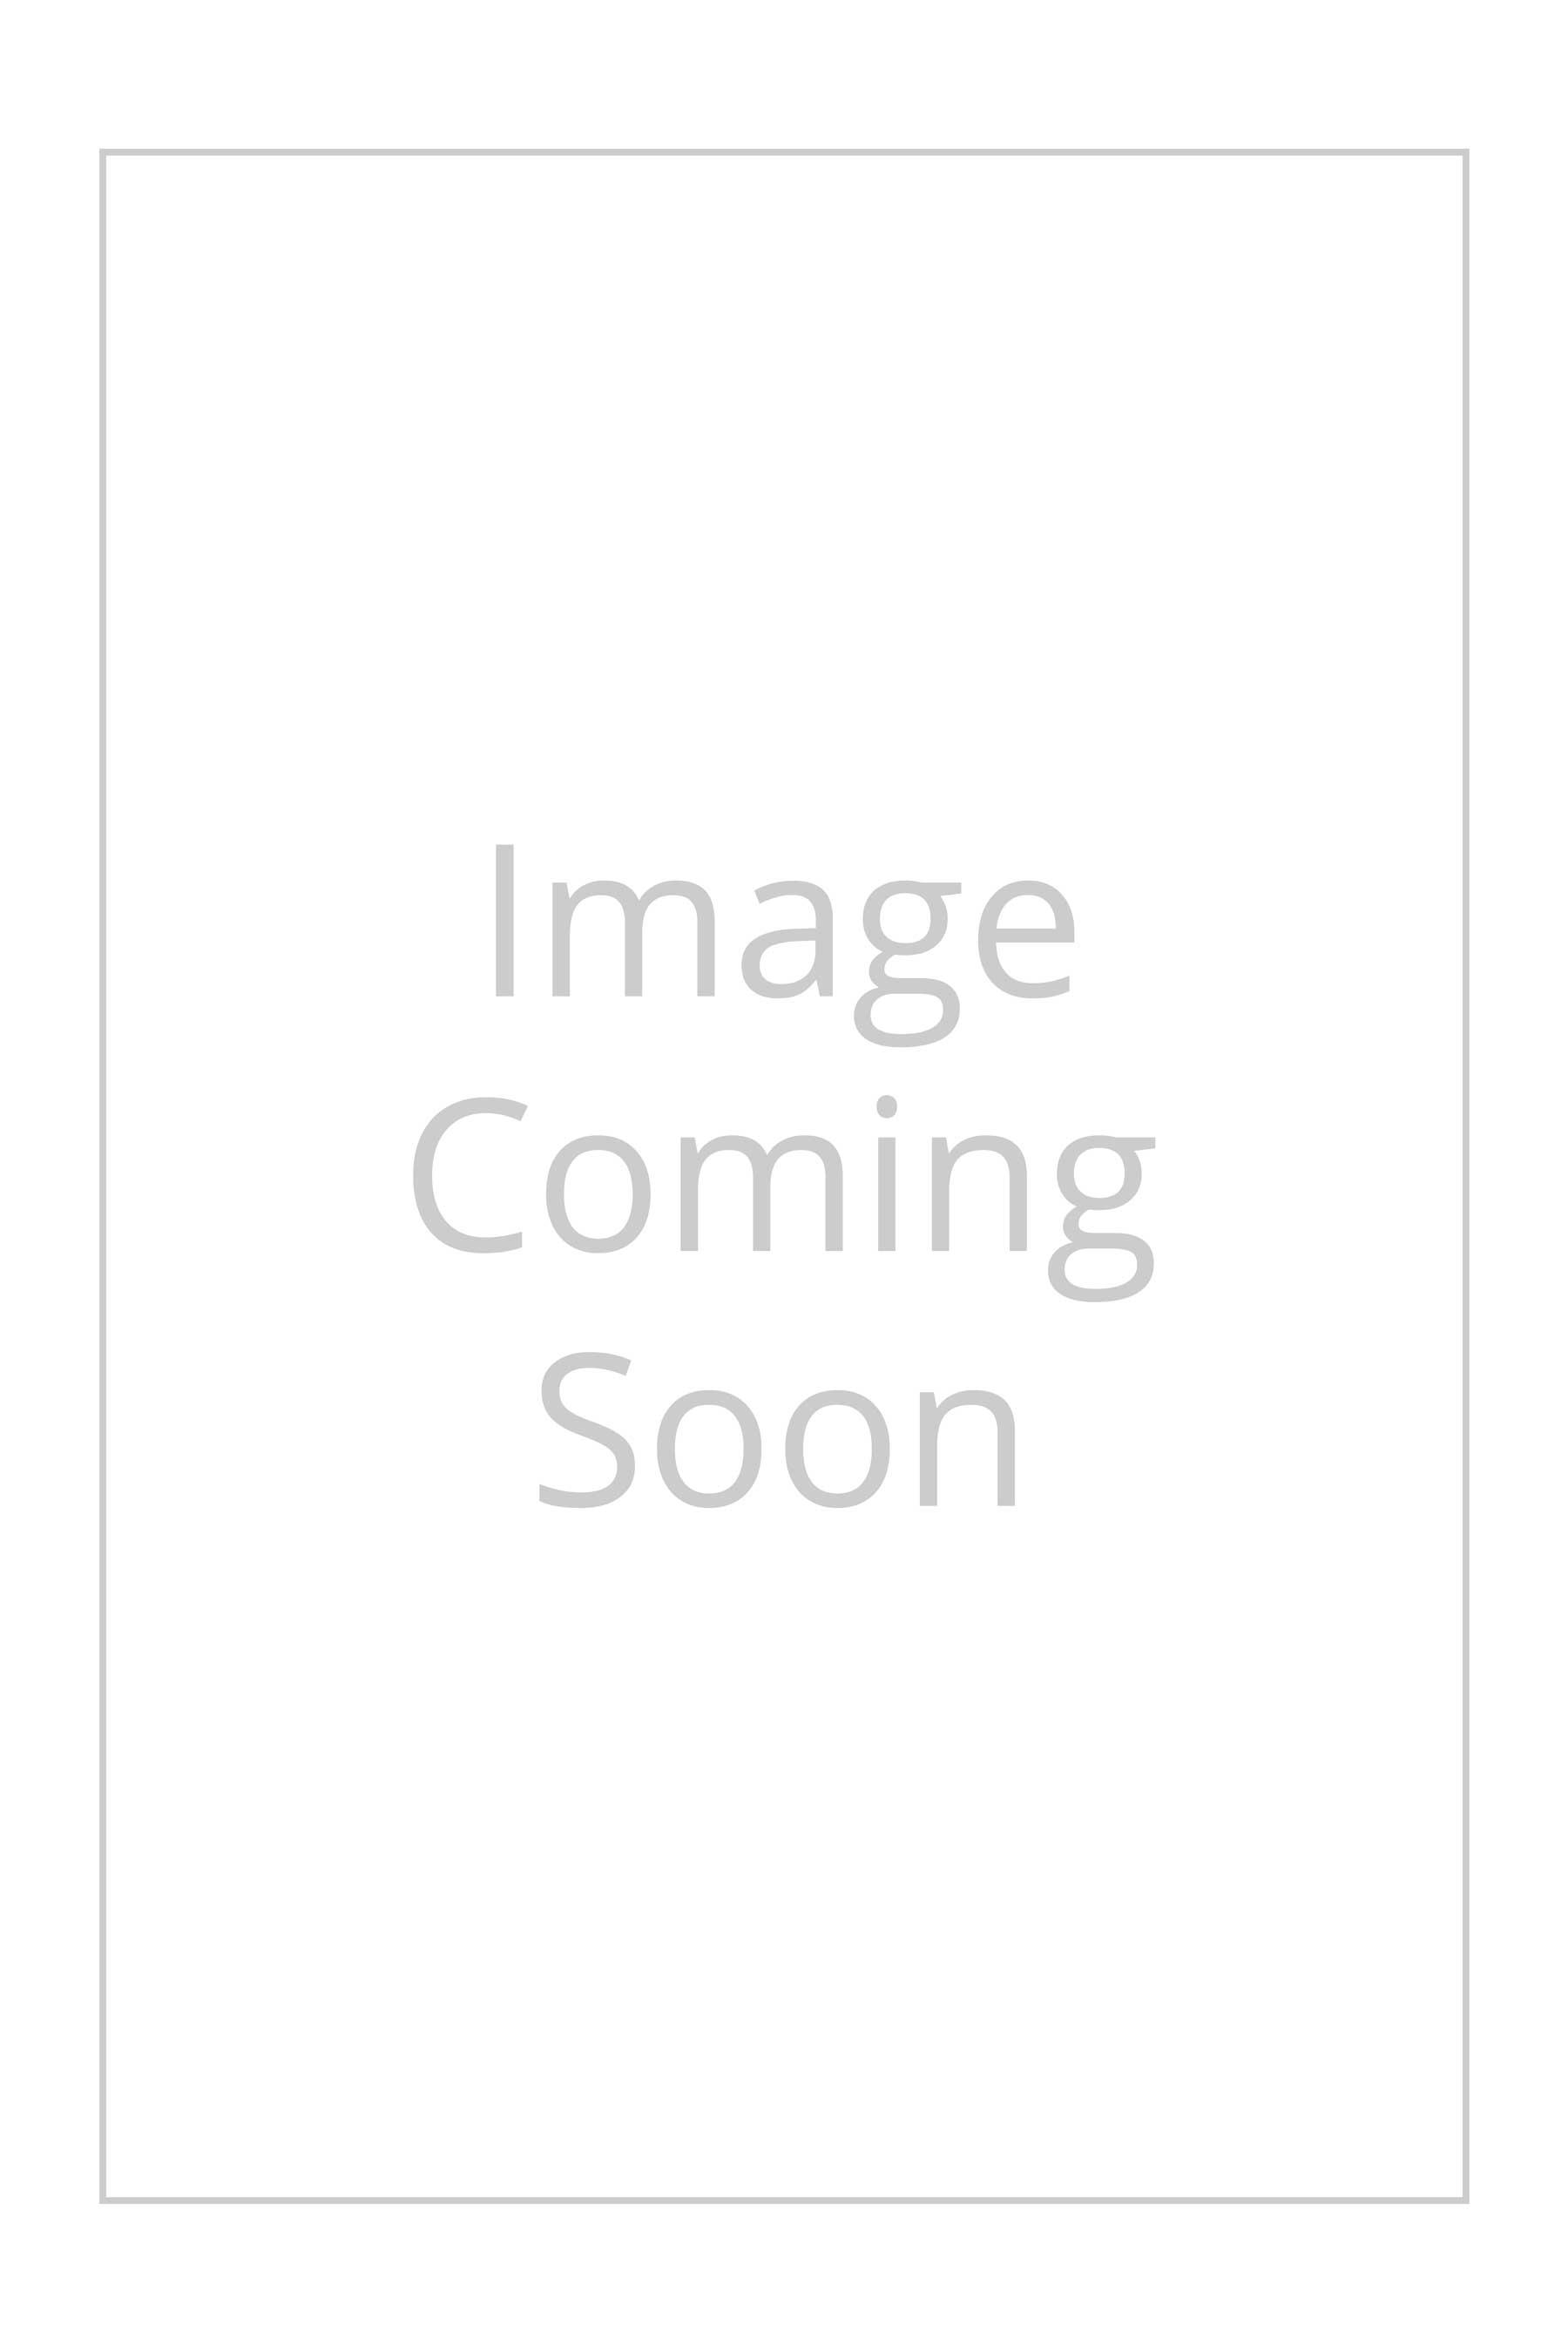 St John Sport Ivory Santana Knit V-Neck Sweater w/ Black & Gold Accents